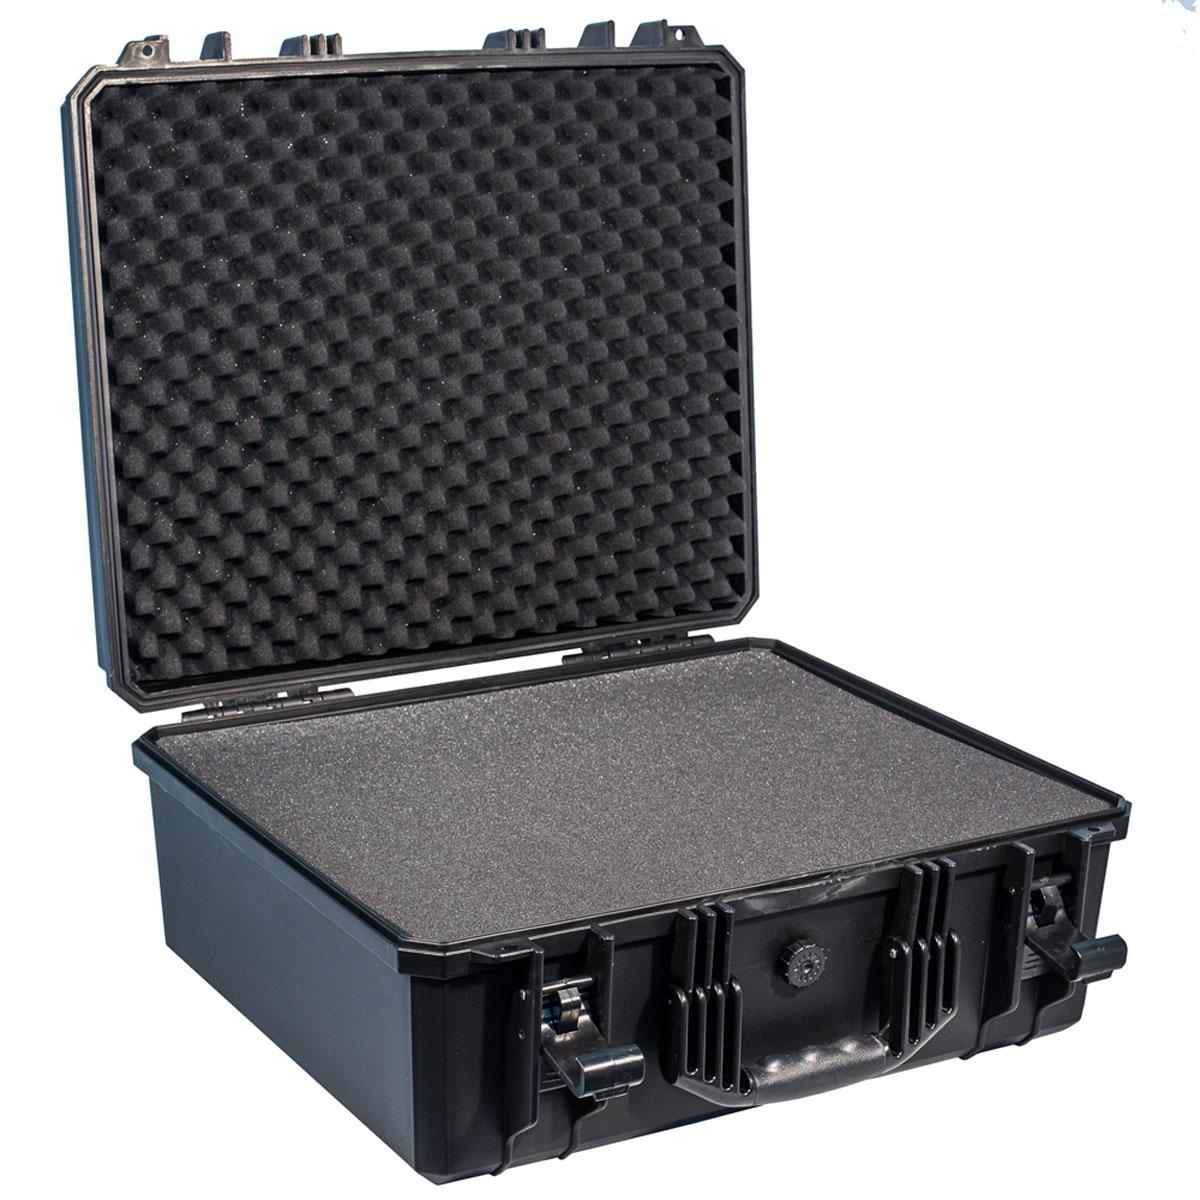 Кейс противоударный PRO-4x4 №7, влагозащищенный, 53,8 х 48,8 х 24,4 см, цвет: черныйPRO-BXF-B05348Самое широкое применение у кейсов №7 с наполнителем нашлось у профессионалов, которым нужно выезжать на объекты с диагностическим оборудованием илиточными измерительными приборами. Защищенные кейсы PRO-4x4 это надежный и проверенный способ сохранить в целостности дорогостоящее оборудование, требующее бережной транспортировки и гарантированной сохранности. Кейсы снабжены удобными и надежными ручками, в крышке имеется паз с резиновым уплотнением. Так же все кейсы PRO-4x4 имеют клапан выравнивания давления. Благодаря используемым материалам и технологии изготовления кейсы способны выдержать значительные ударные и статические нагрузки защищая свое содержимое от механических повреждений. Герметичность и пыле-влагозащищенность кейсов PRO-4x4 оградит дорогостоящую технику от агрессивной внешней среды и не позволит вывести ее из строя в процессе транспортировки. Великолепный внешний вид, потребительские свойства и непревзойдённое качество исполнения кейсов PRO-4x4 соответствуют запросам самых...